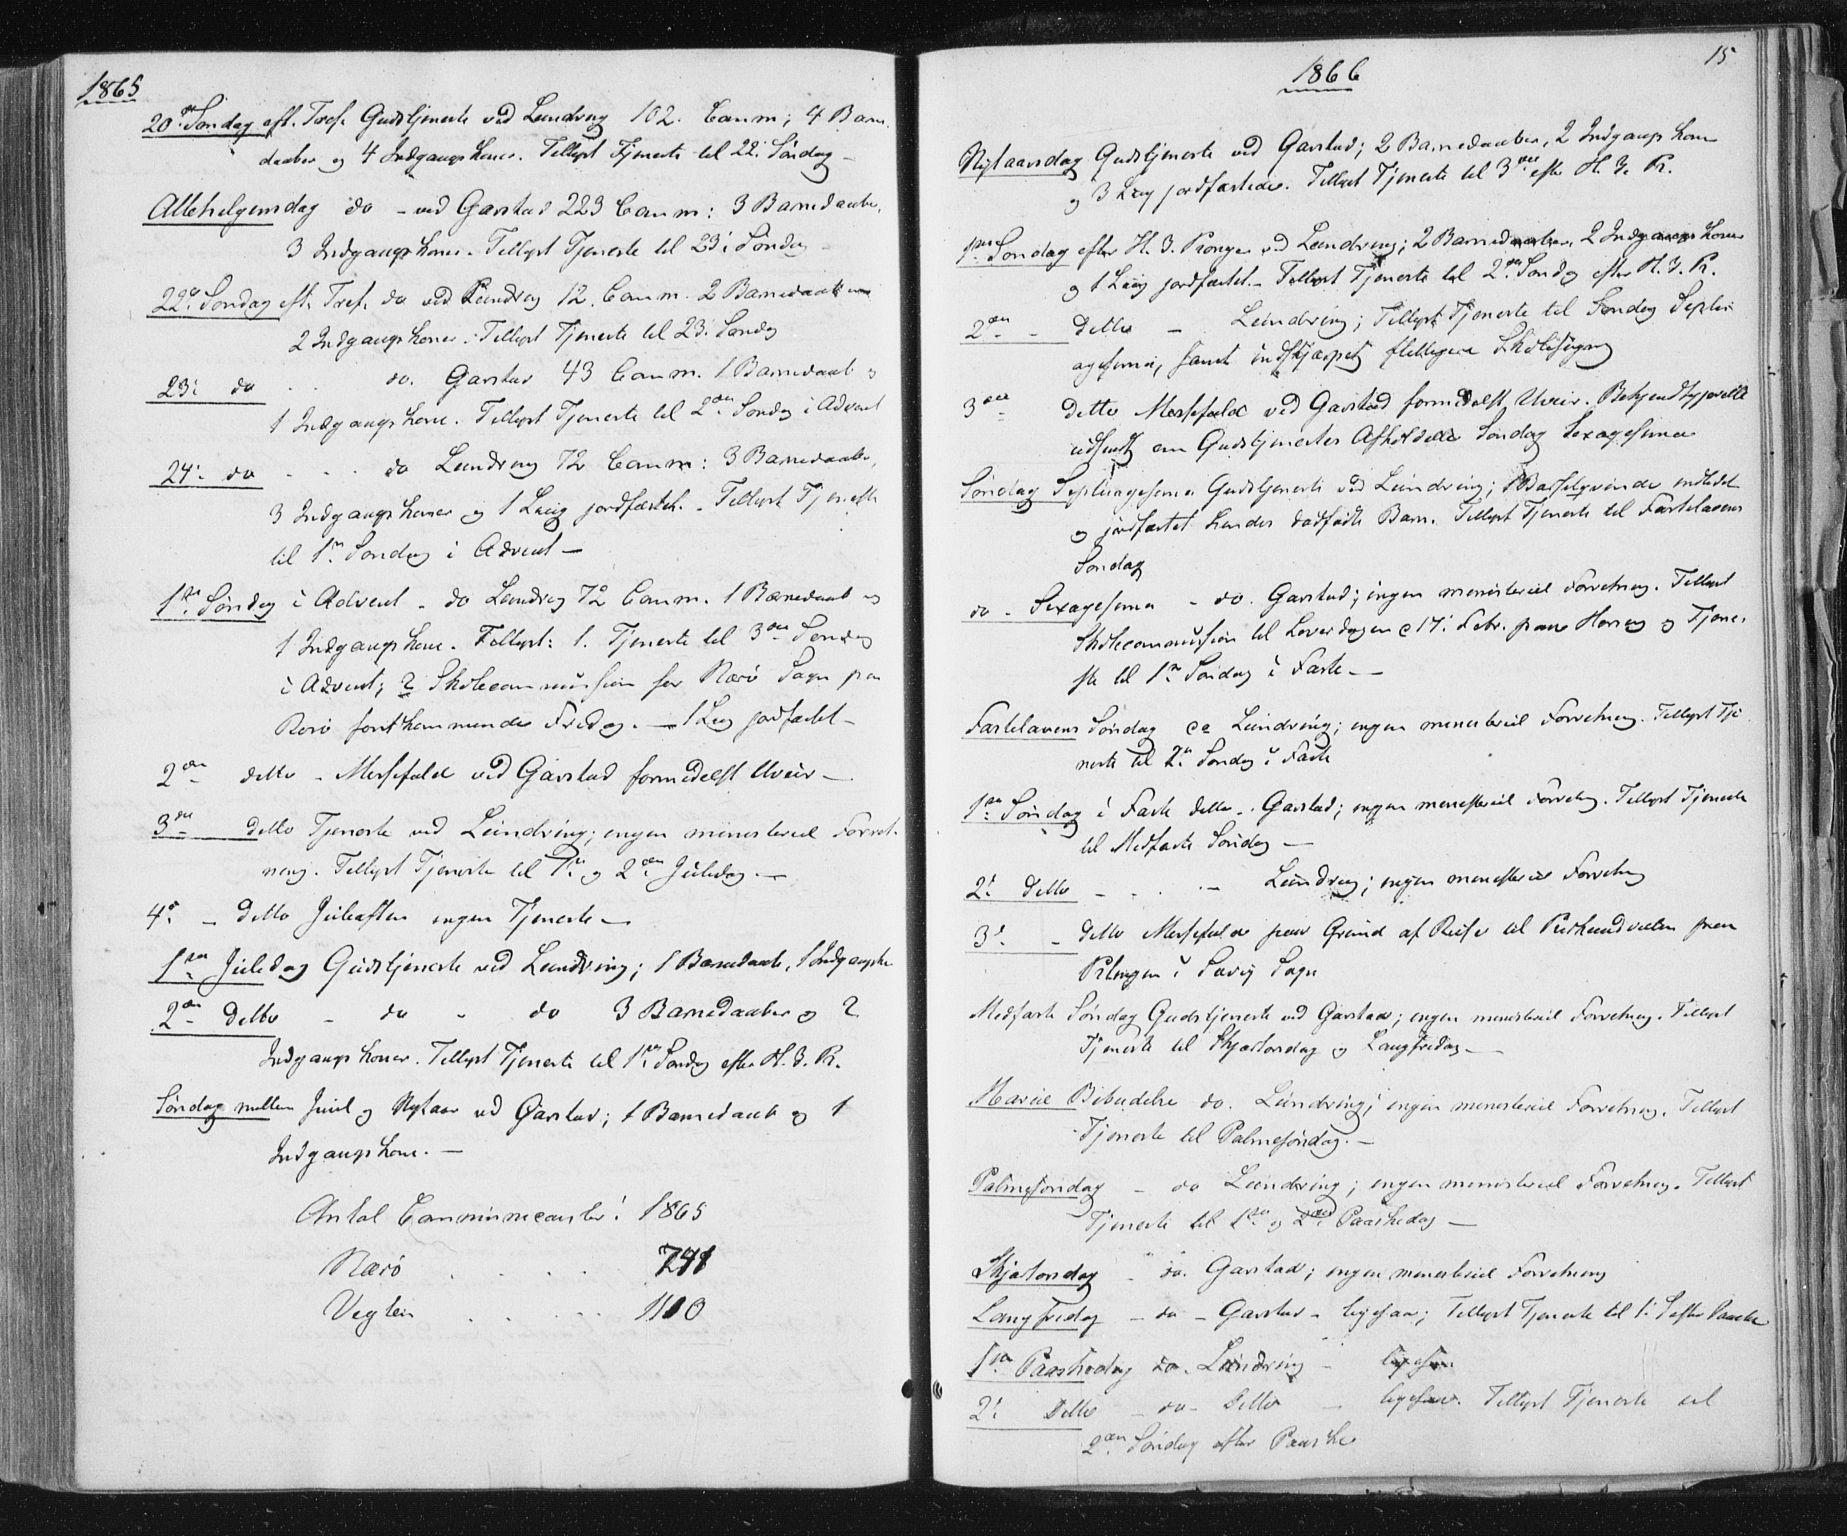 SAT, Ministerialprotokoller, klokkerbøker og fødselsregistre - Nord-Trøndelag, 784/L0670: Ministerialbok nr. 784A05, 1860-1876, s. 15